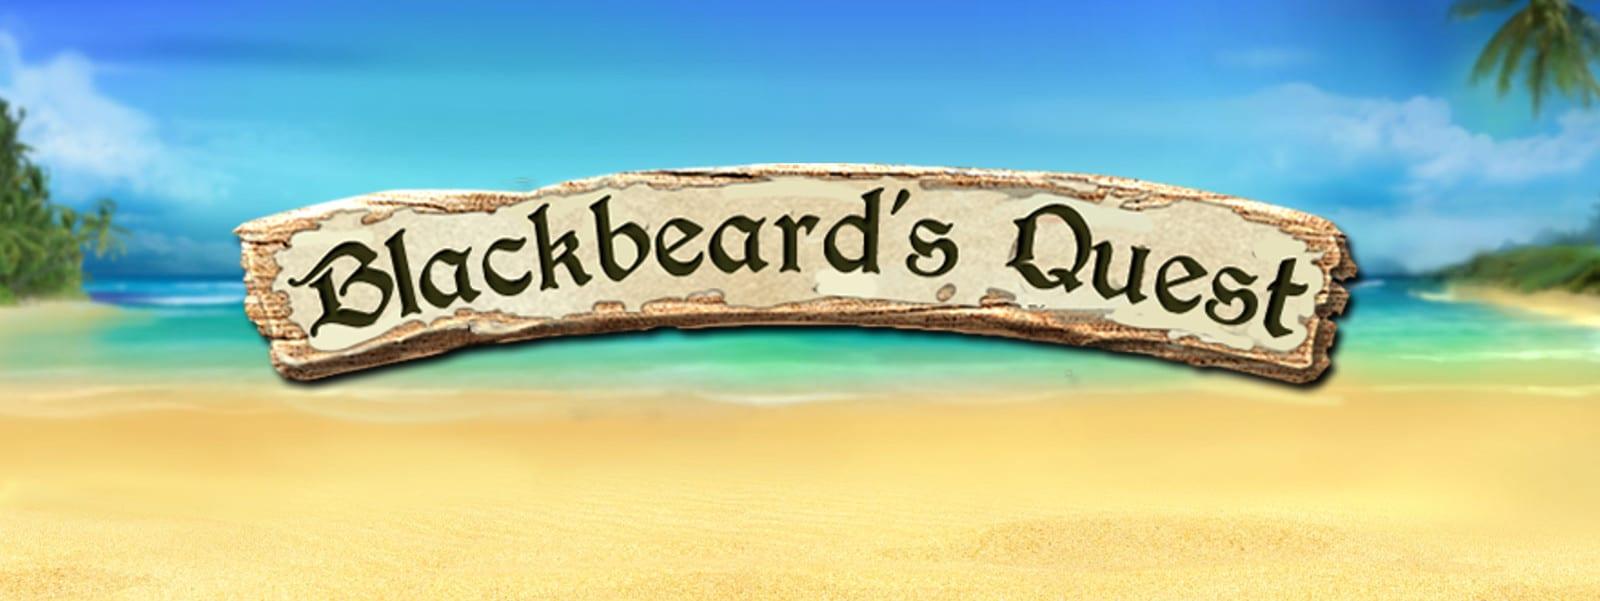 blackbeard's quest - wizardslots